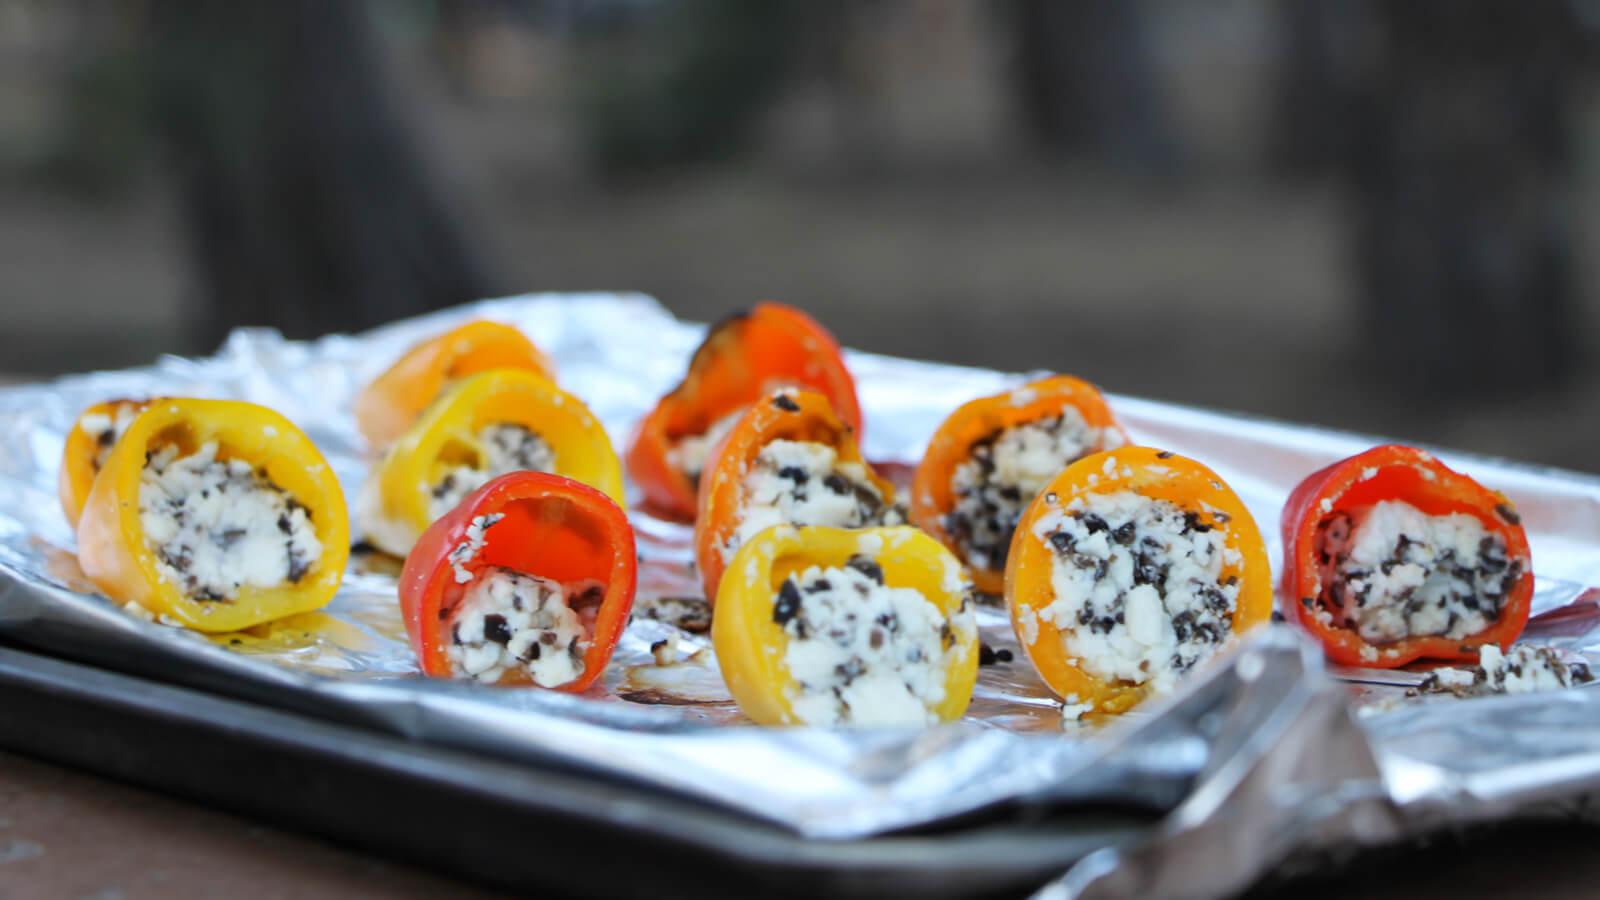 Bijgerechten van de BBQ? Deze gevulde mini paprika's zijn super lekker!